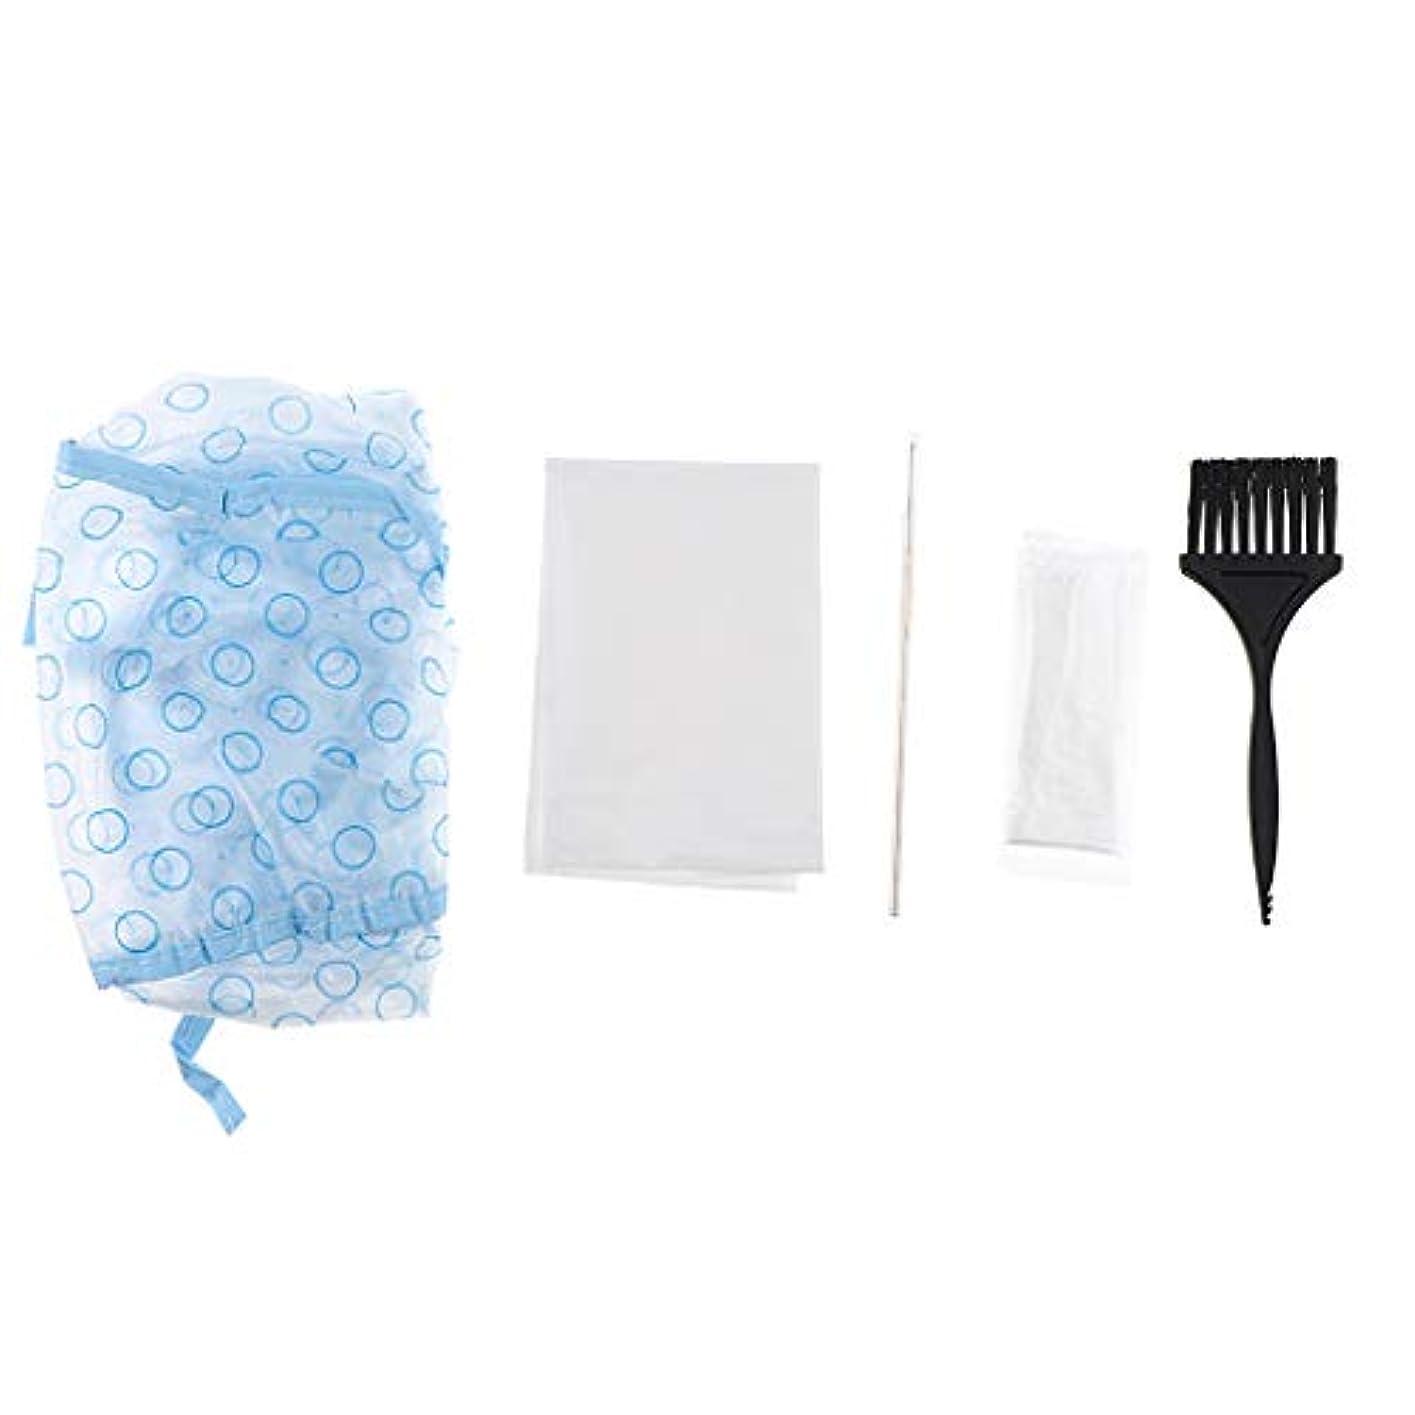 蚊同情にじみ出るCUTICATE 髪染めブラシ キャップ フック針 手袋 ヘア染めツールキット 5個セット